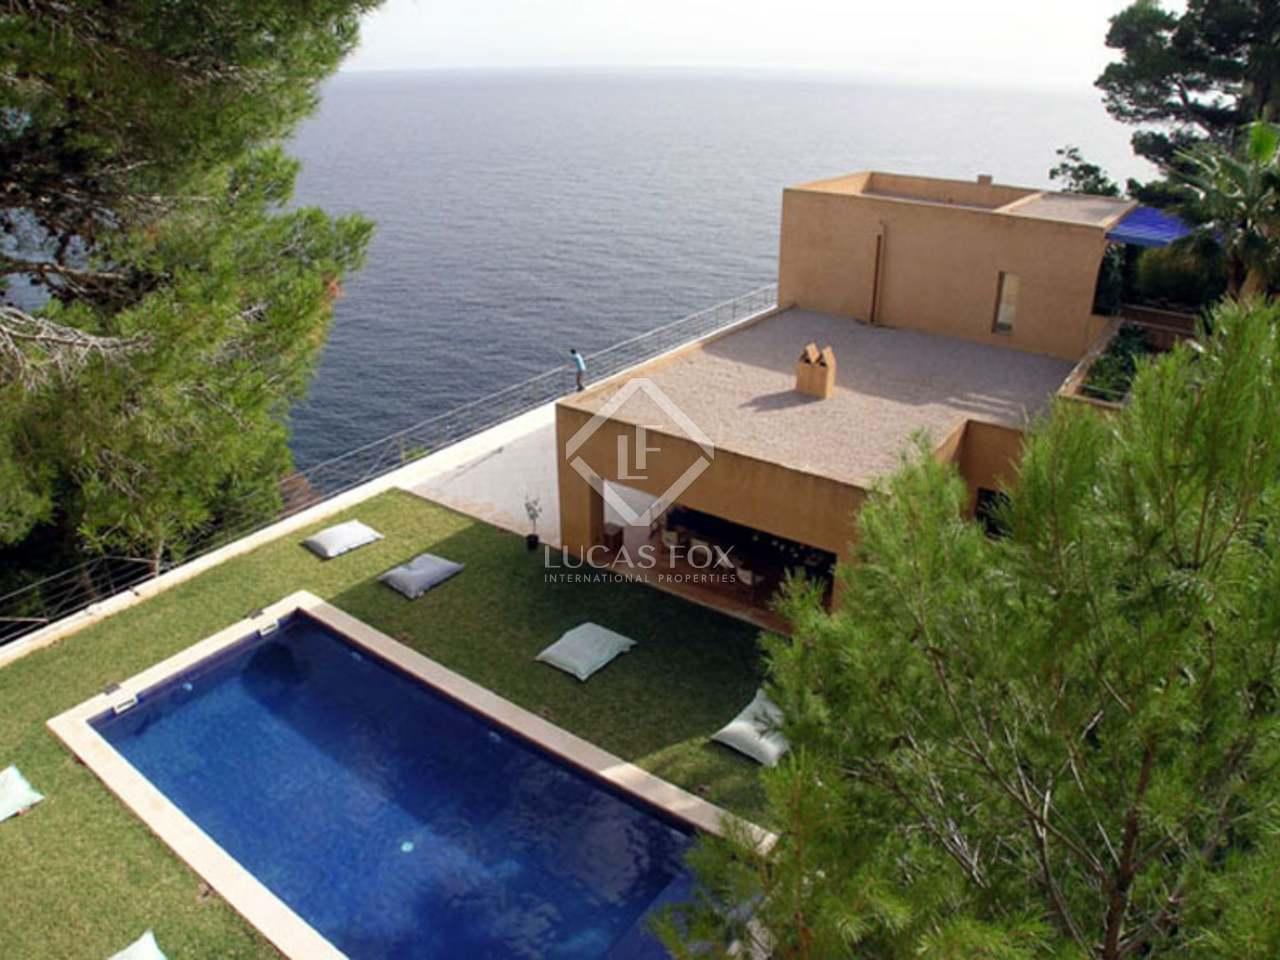 haus zum verkauf mit 4 schlafzimmern an der costa de los pinos mallorca. Black Bedroom Furniture Sets. Home Design Ideas